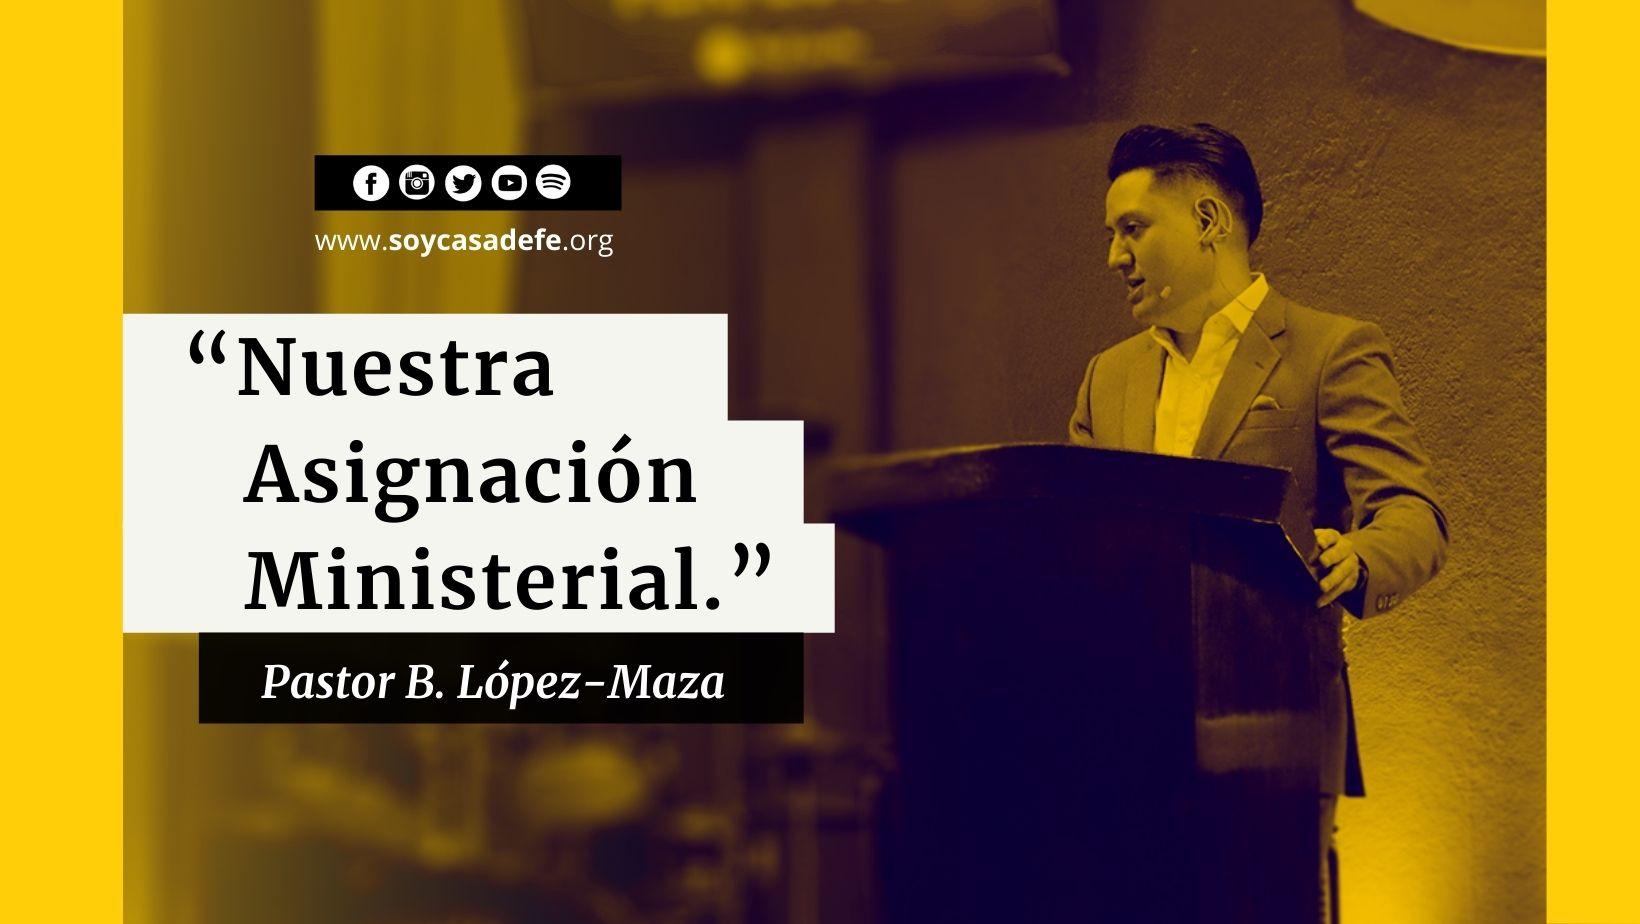 Asignación Ministerial Pastor B. López-Maza